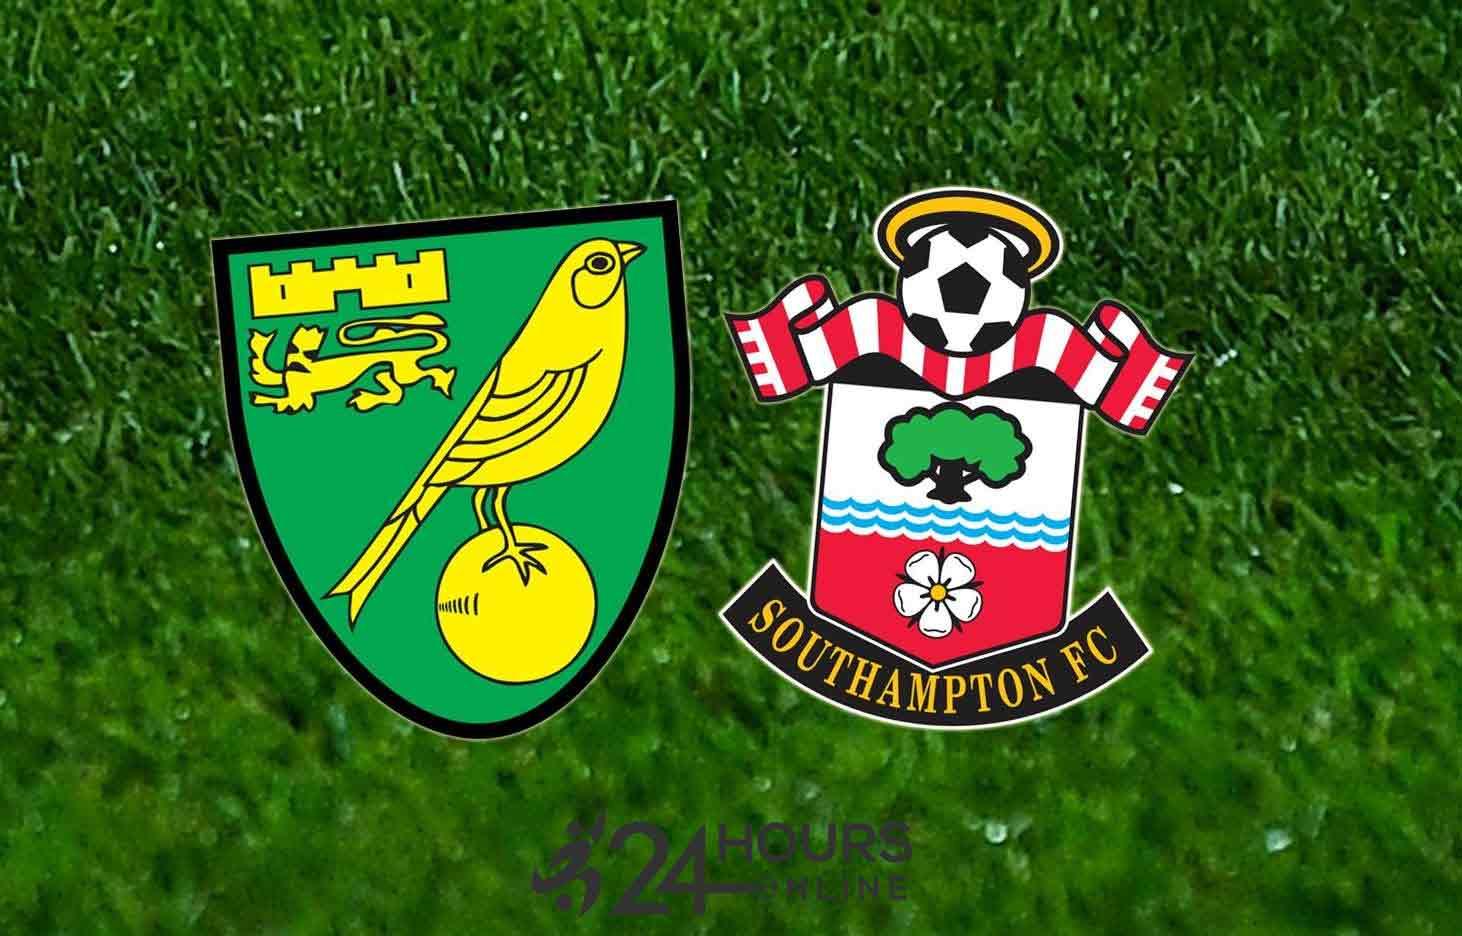 Norwich City vs Southampton Premier League Match Preview